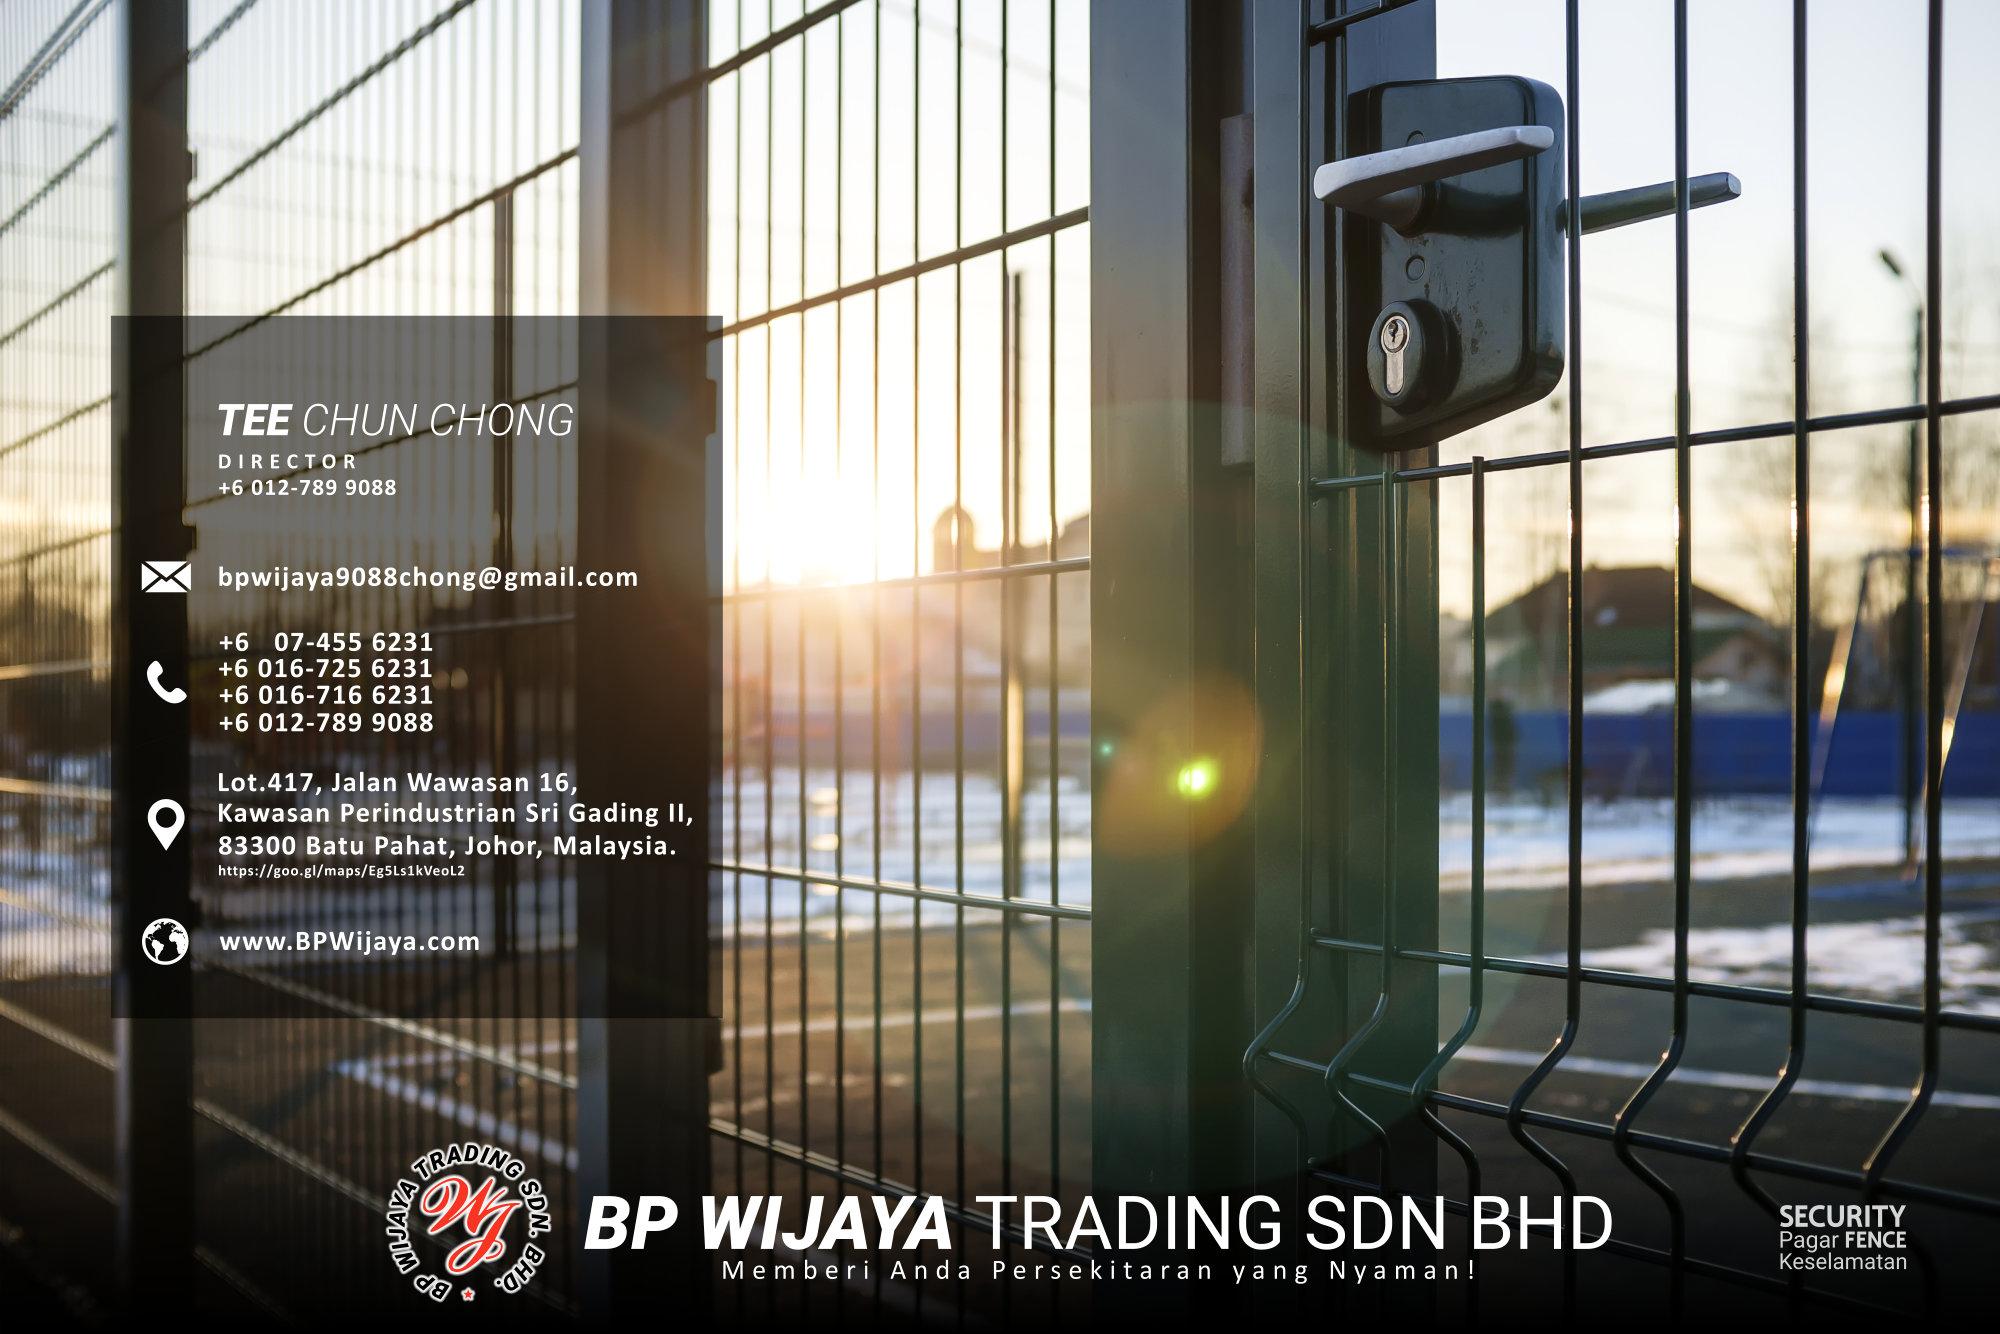 Pembekal Kuala Lumpur Pagar Keselamatan kami merupakan pengilang pagar keselamatan BP Wijaya Trading Sdn Bhd Pagar Taman Pagar Bangunan Pagar Kilang Pagar Rumah Pemborong Pagar Keselamatan A03-005